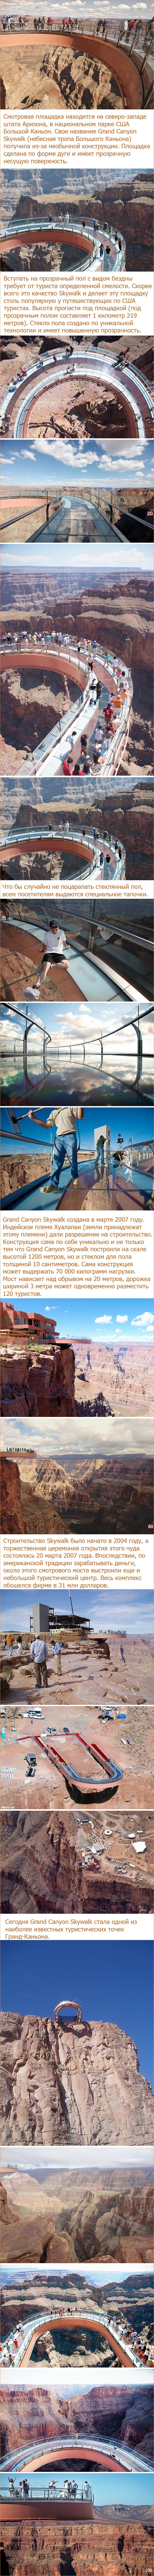 Смотровая площадка Гранд-Каньона